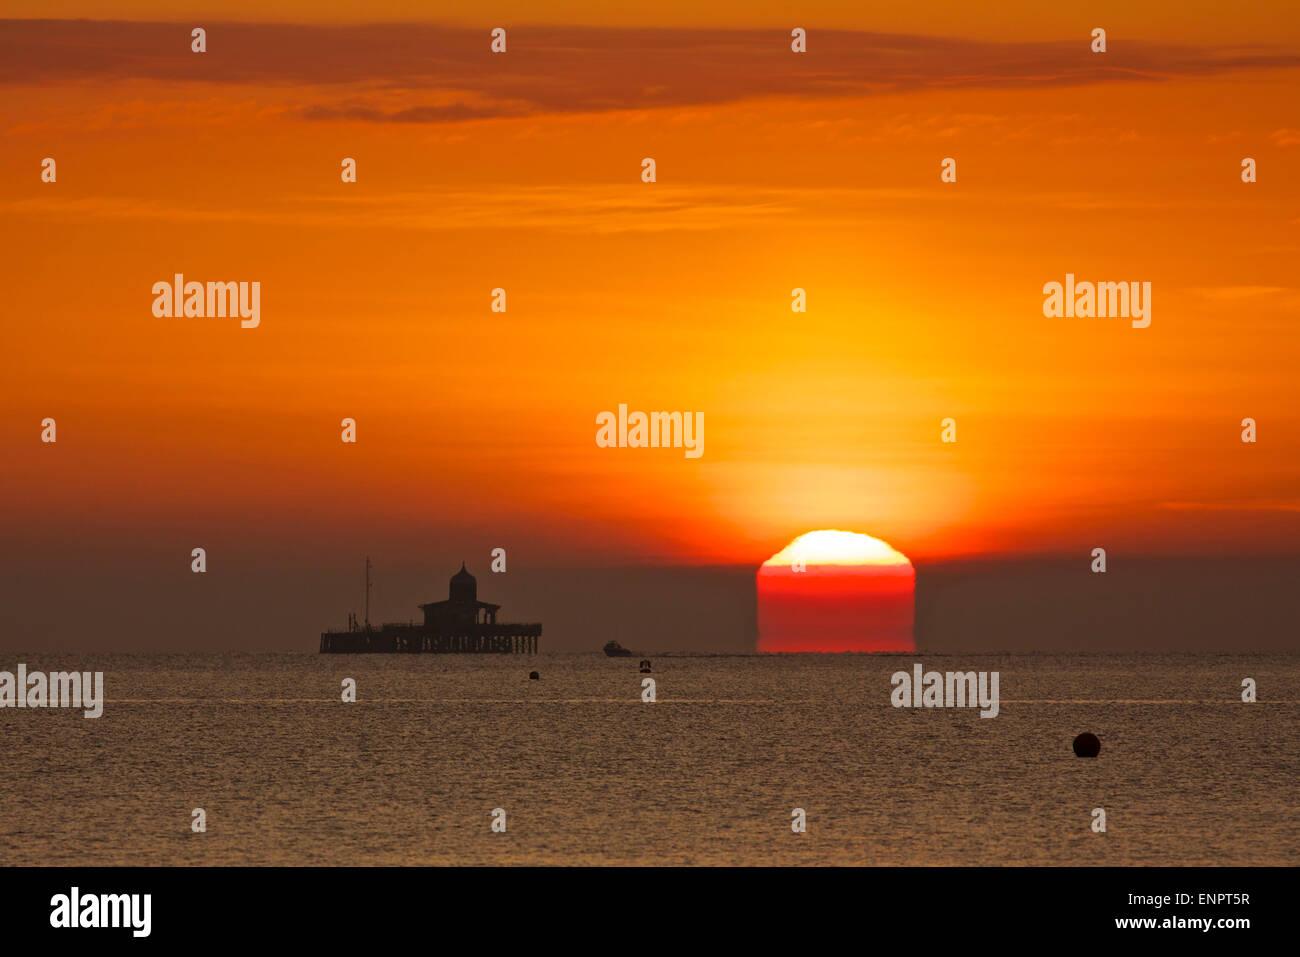 Herne Bay, Kent, Regno Unito. 10 Maggio 2015: Regno Unito Meteo. Un vago mattina offre il cielo di un rosso-arancione Immagini Stock